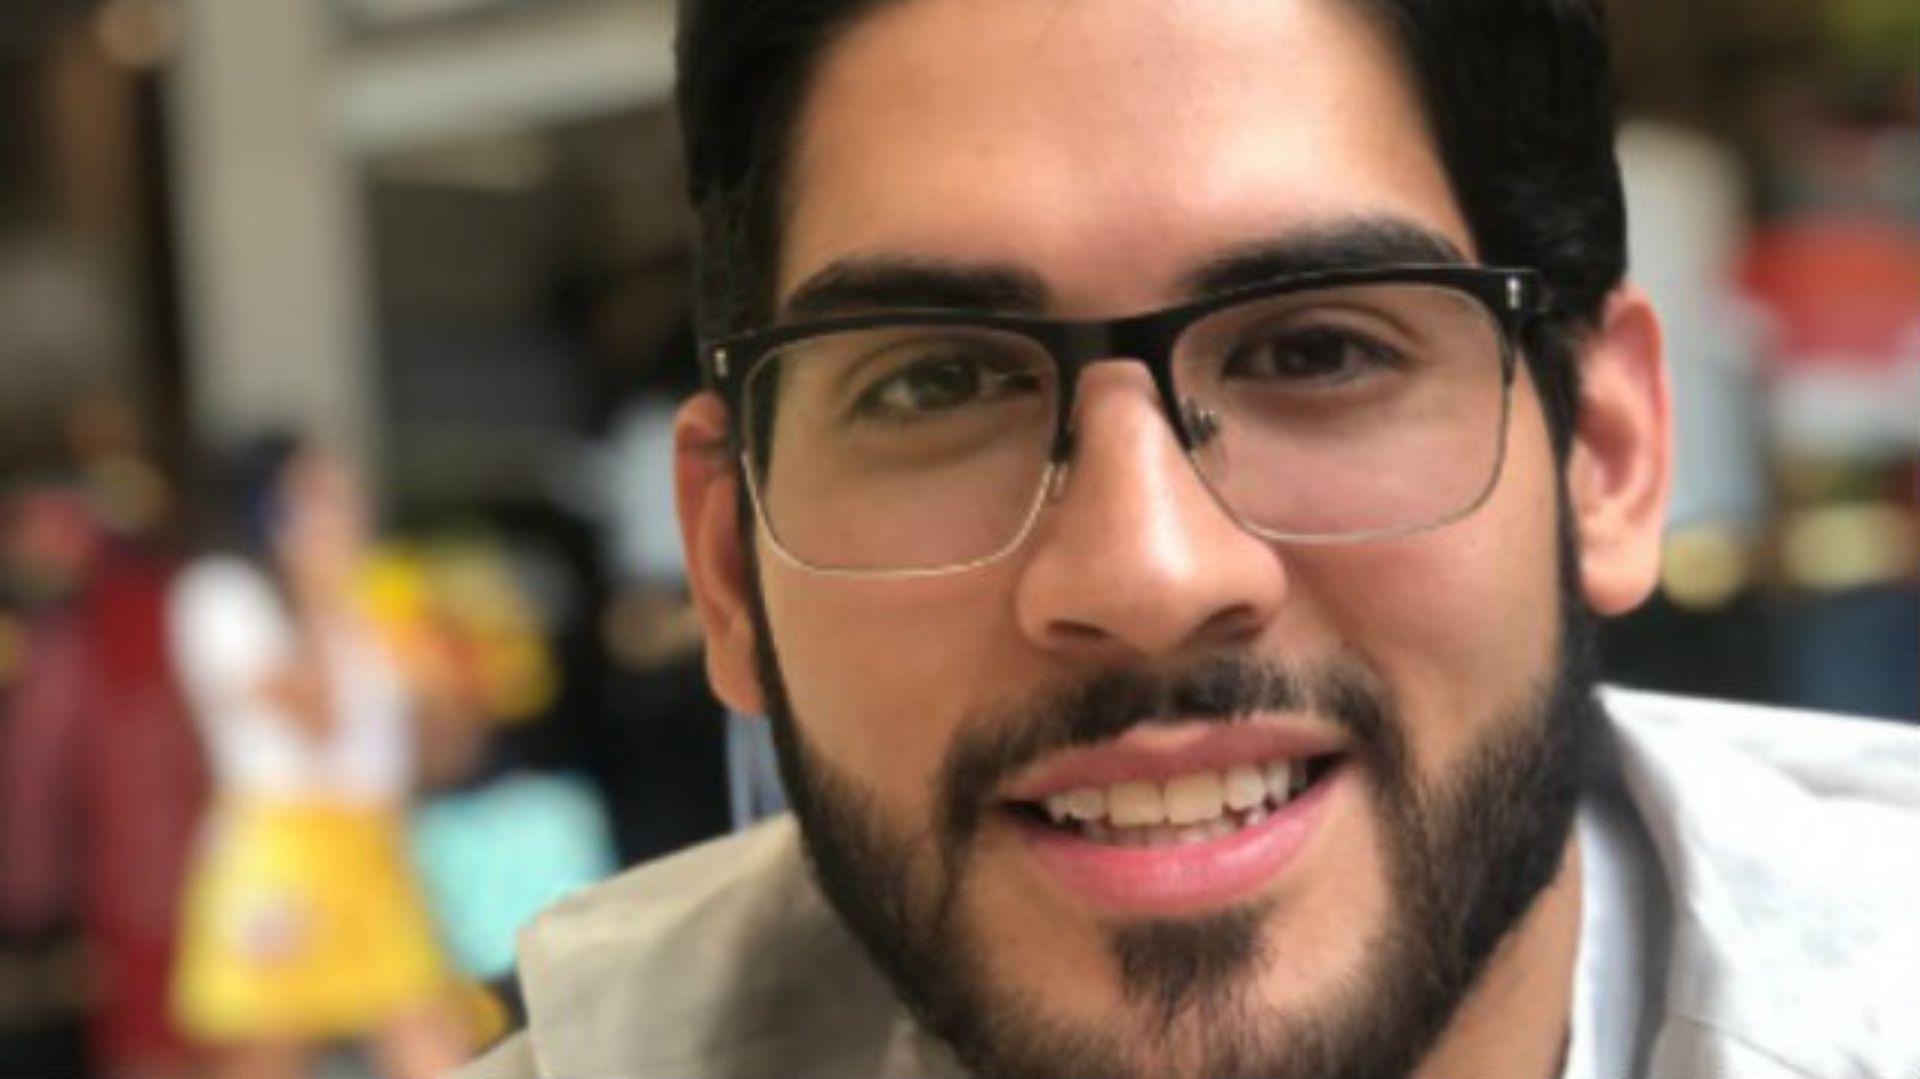 Norberto tenía 22 años y estudiaba mercadotecnia (Foto: @Jennifer7720r)